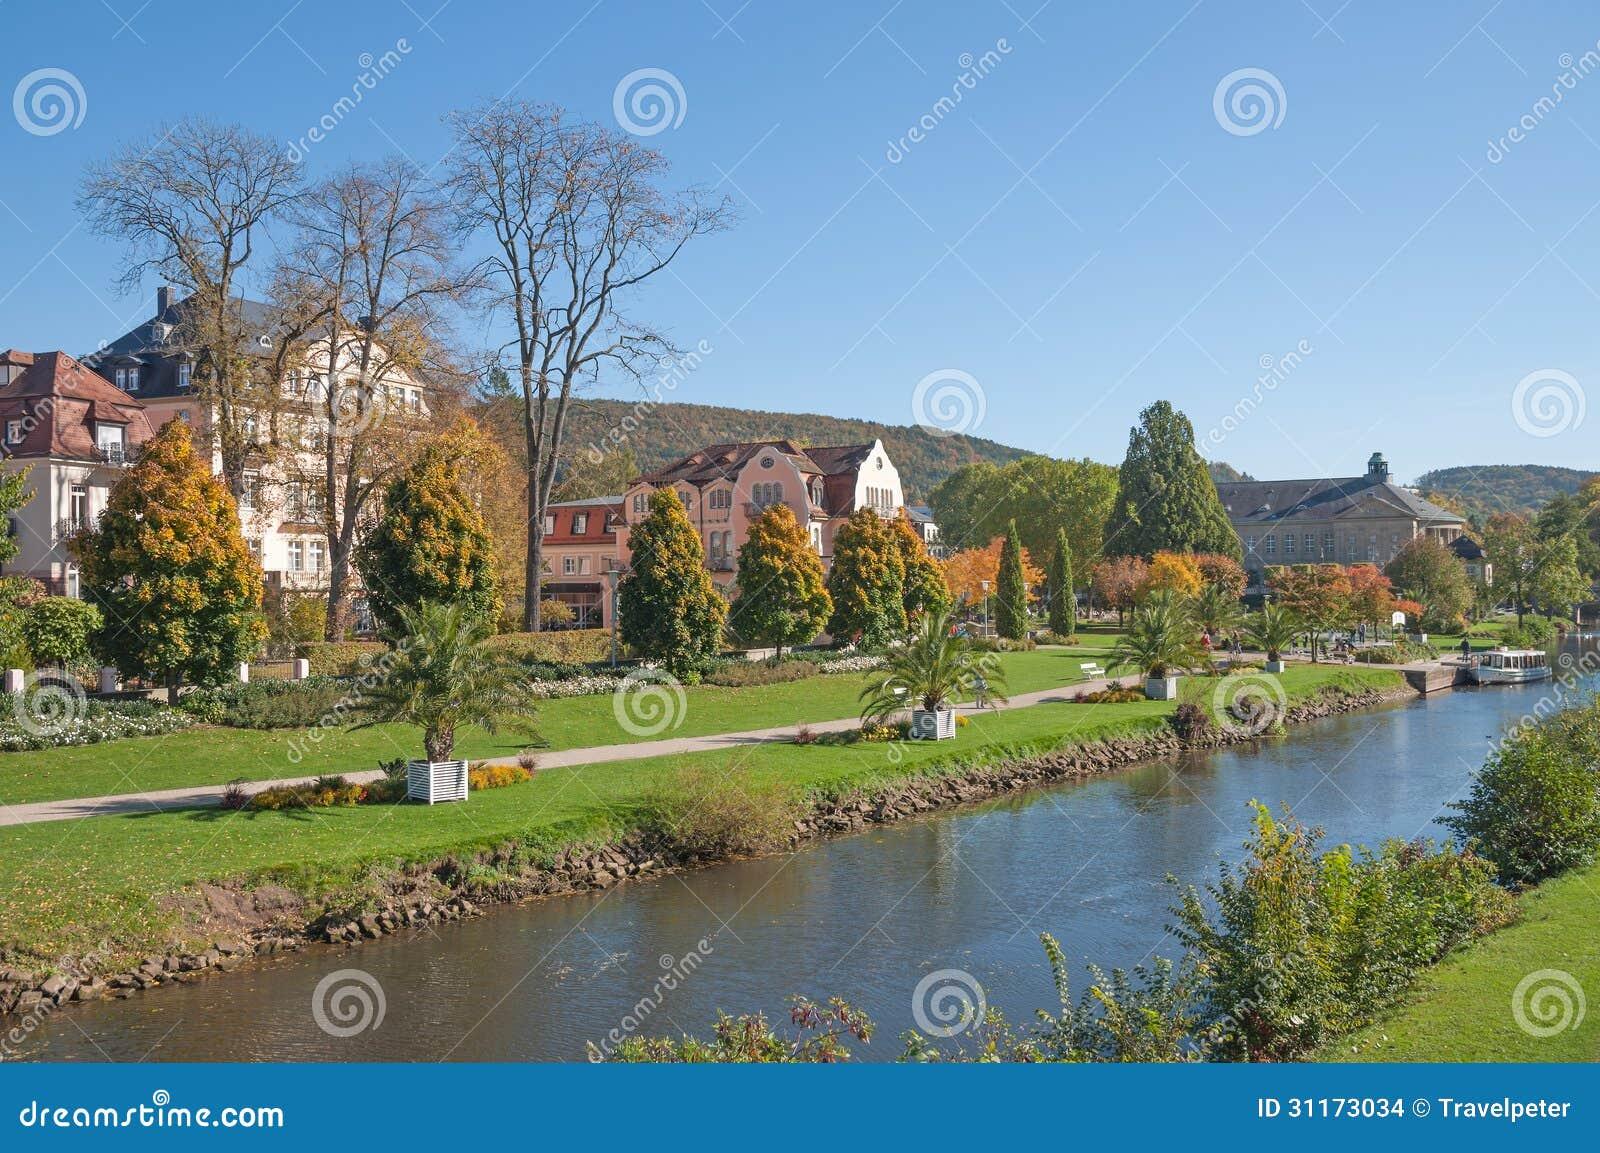 bad kissingen bavaria germany stock photo image of resort rhoen 31173034. Black Bedroom Furniture Sets. Home Design Ideas